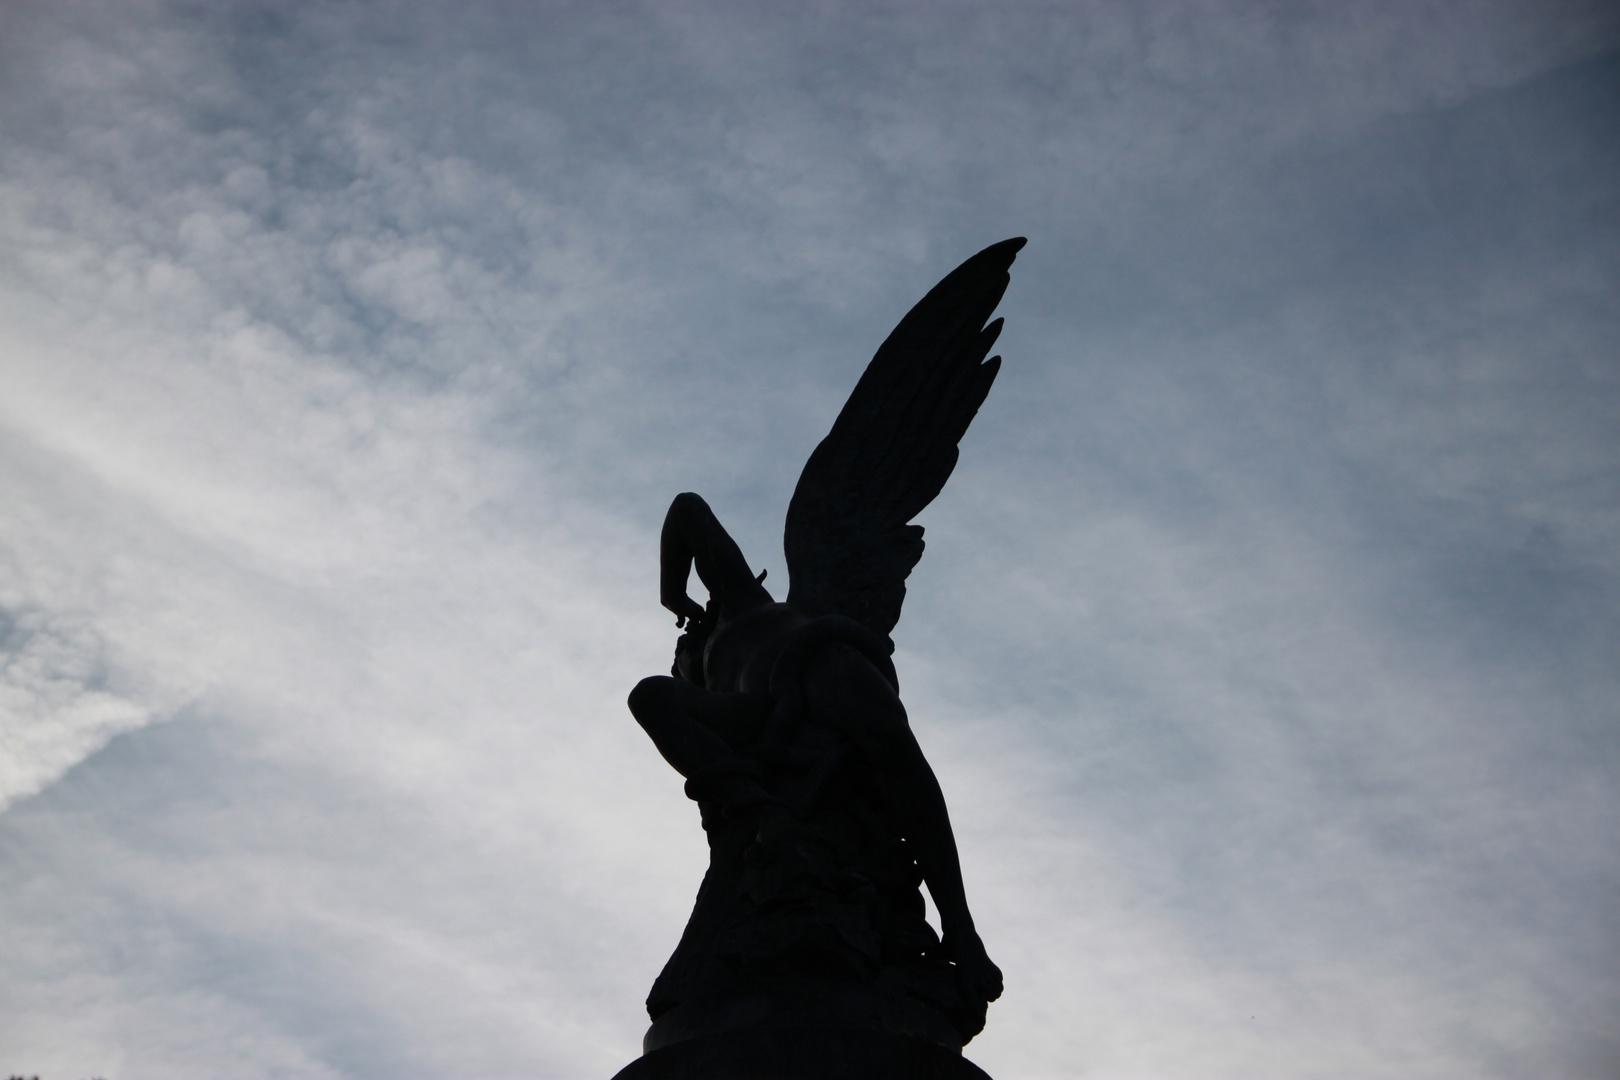 El Ángel Caído. Fallen Angel. Jardines del Buen Retiro. 3